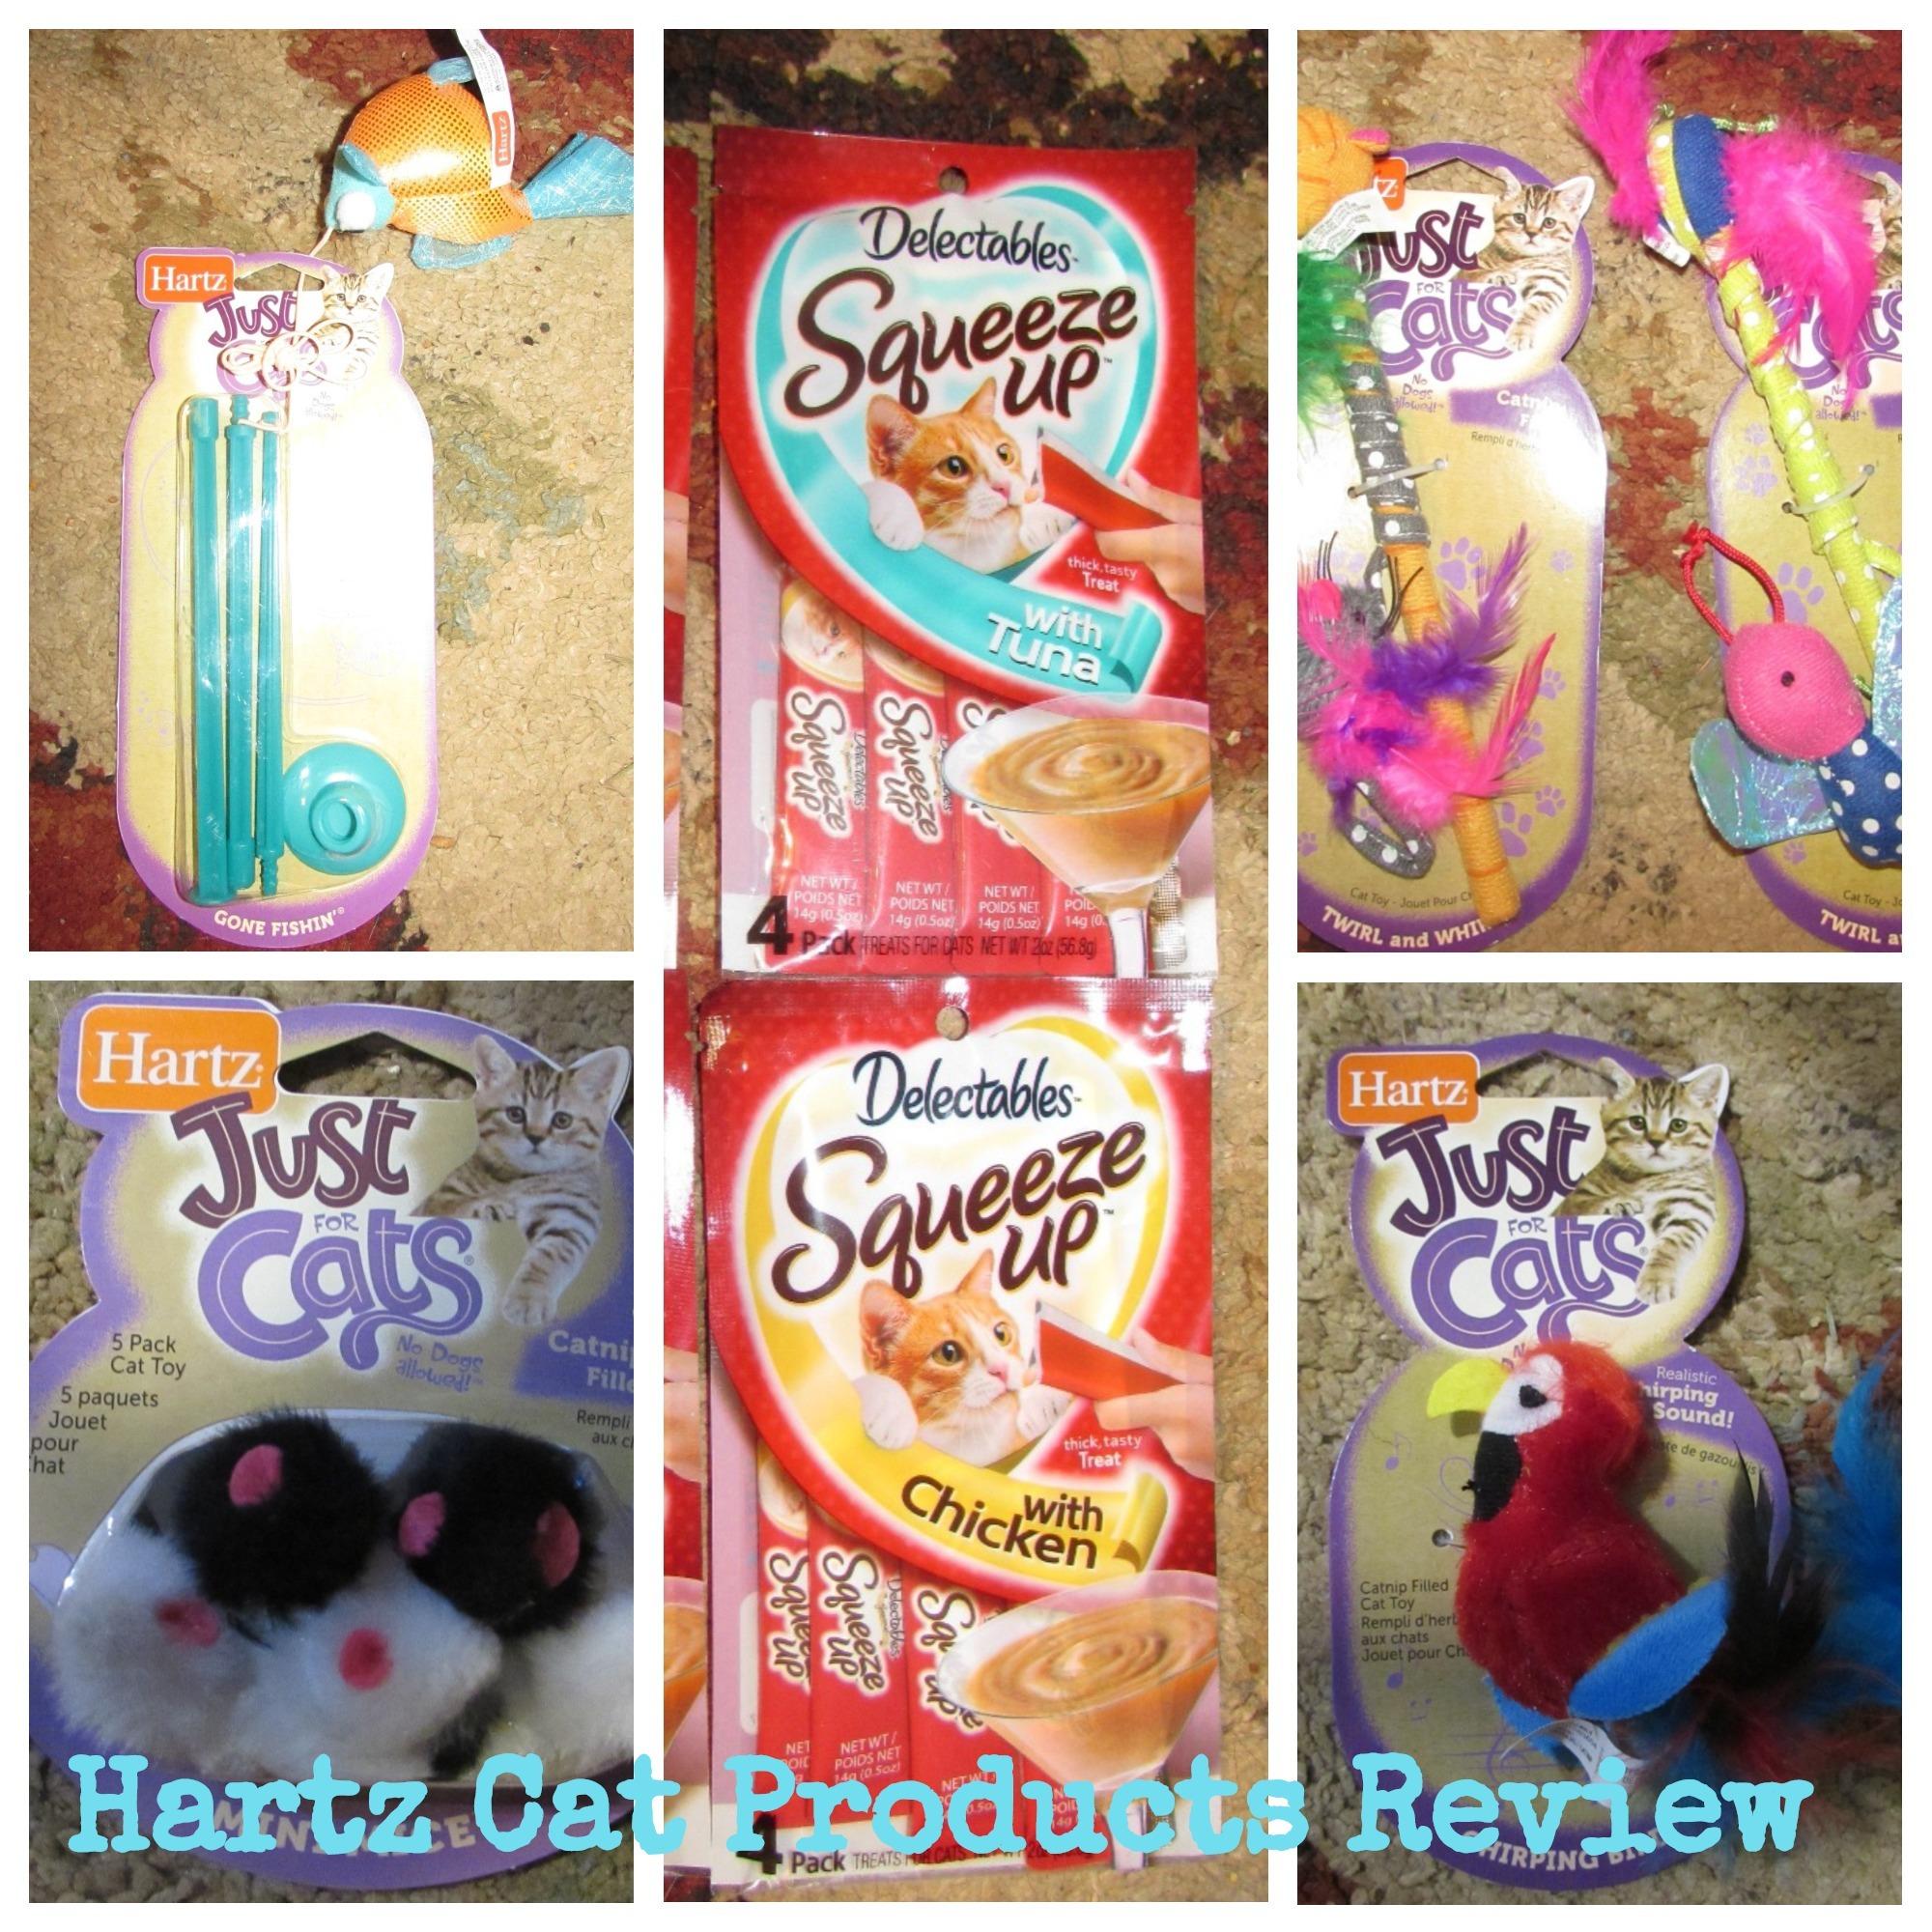 Hartz Cat Products